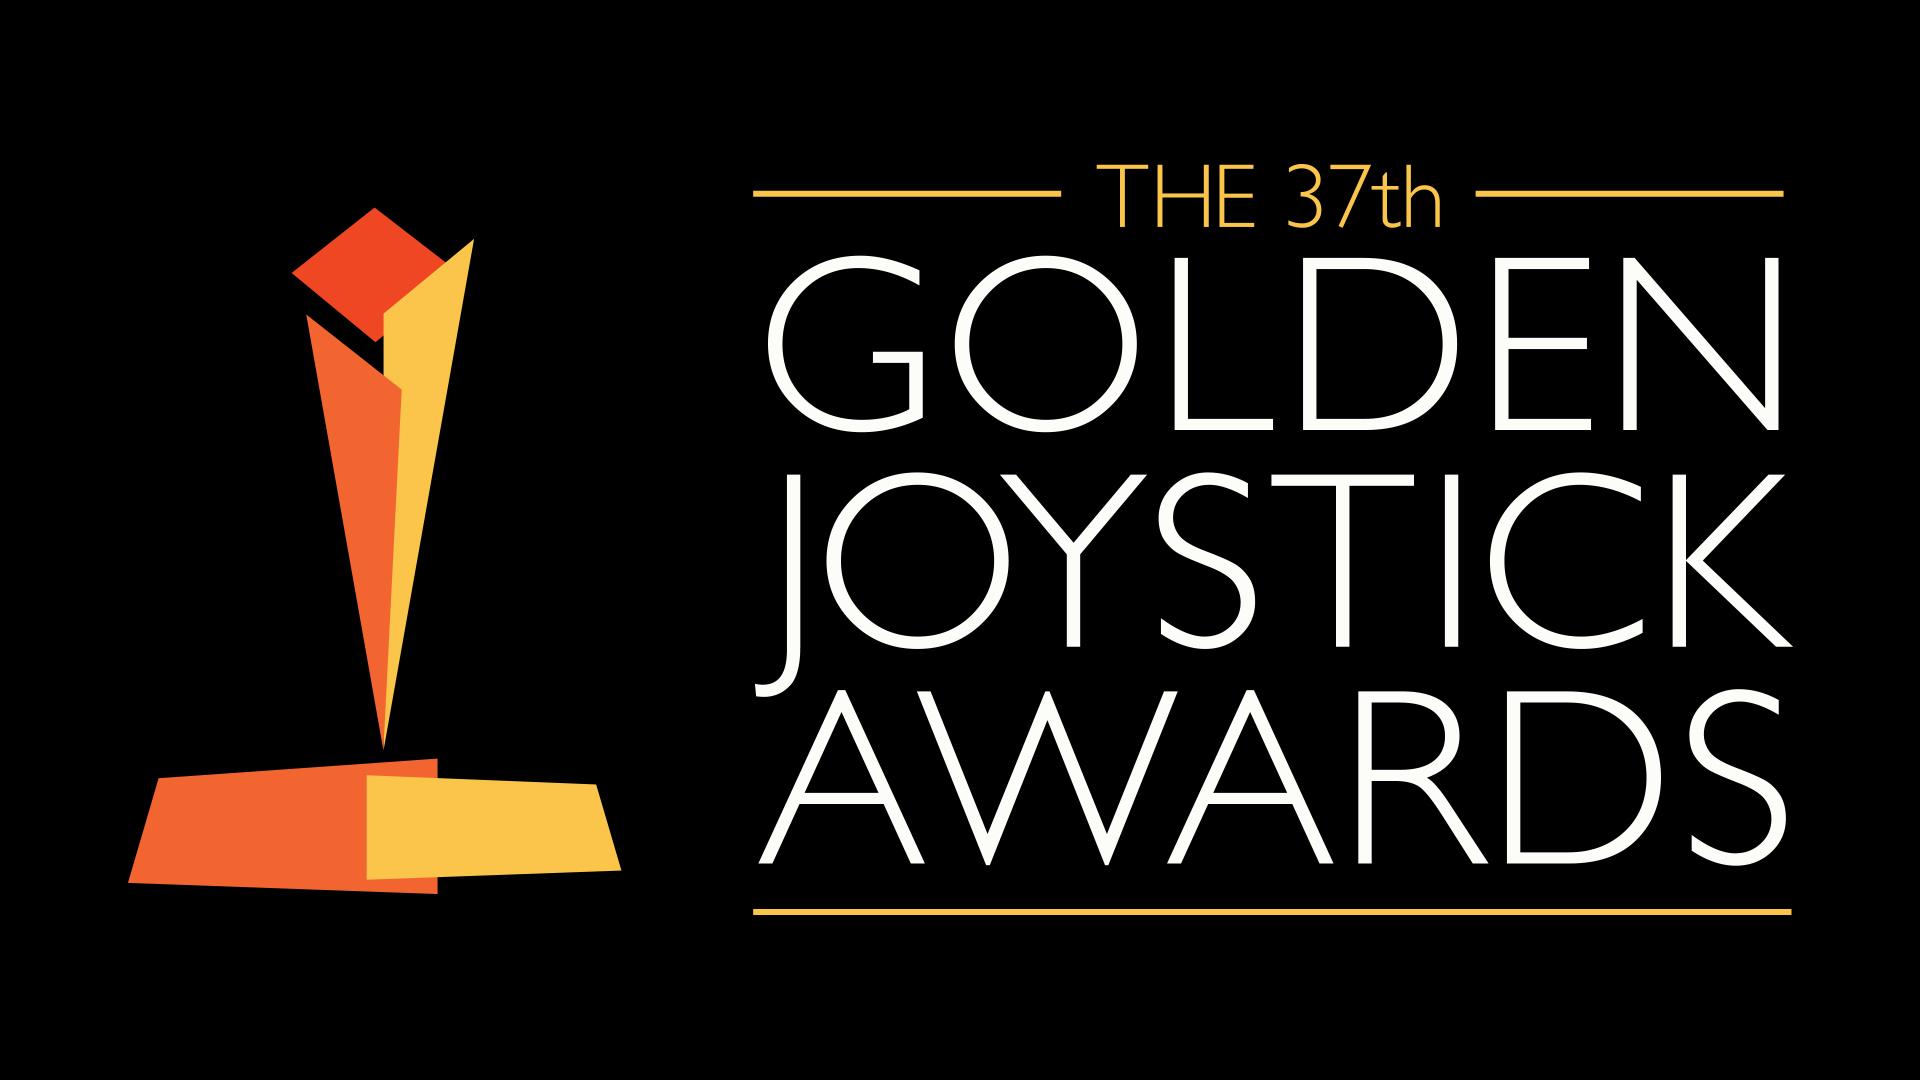 Лучшие игры 2019 года по версии Golden Joystick Awards